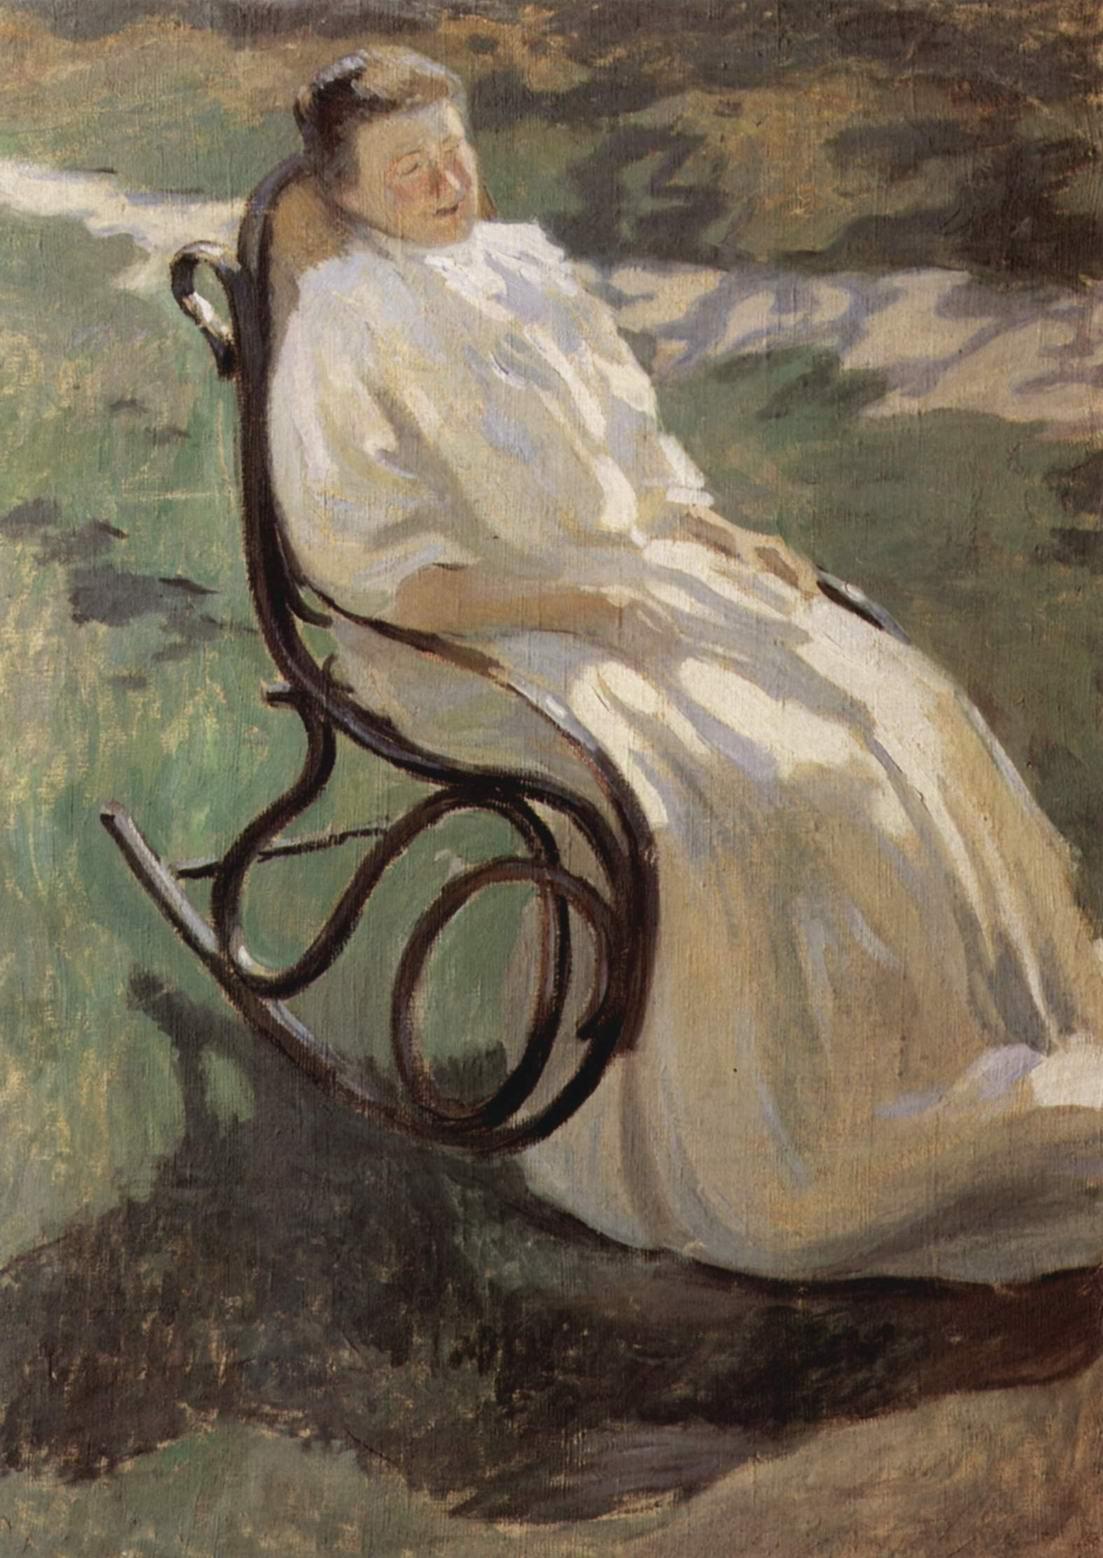 Дама в кресле-качалке, Борисов-Мусатов Виктор Эльпидифорович